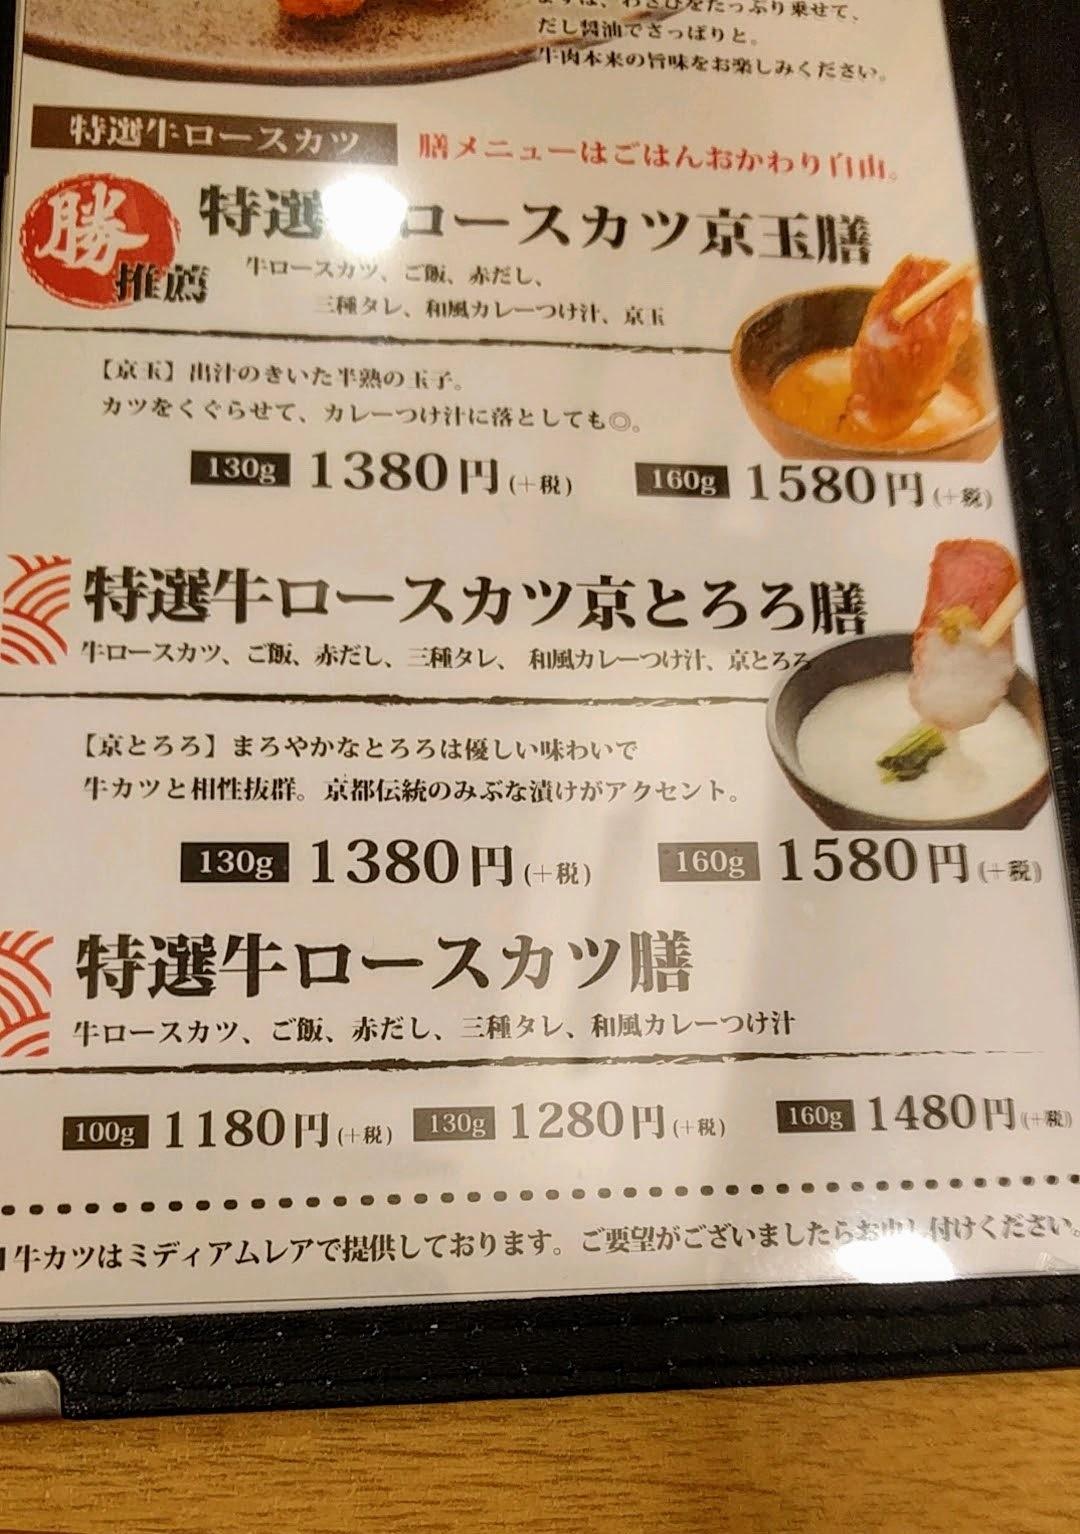 京都勝牛 ララガーデン長町店